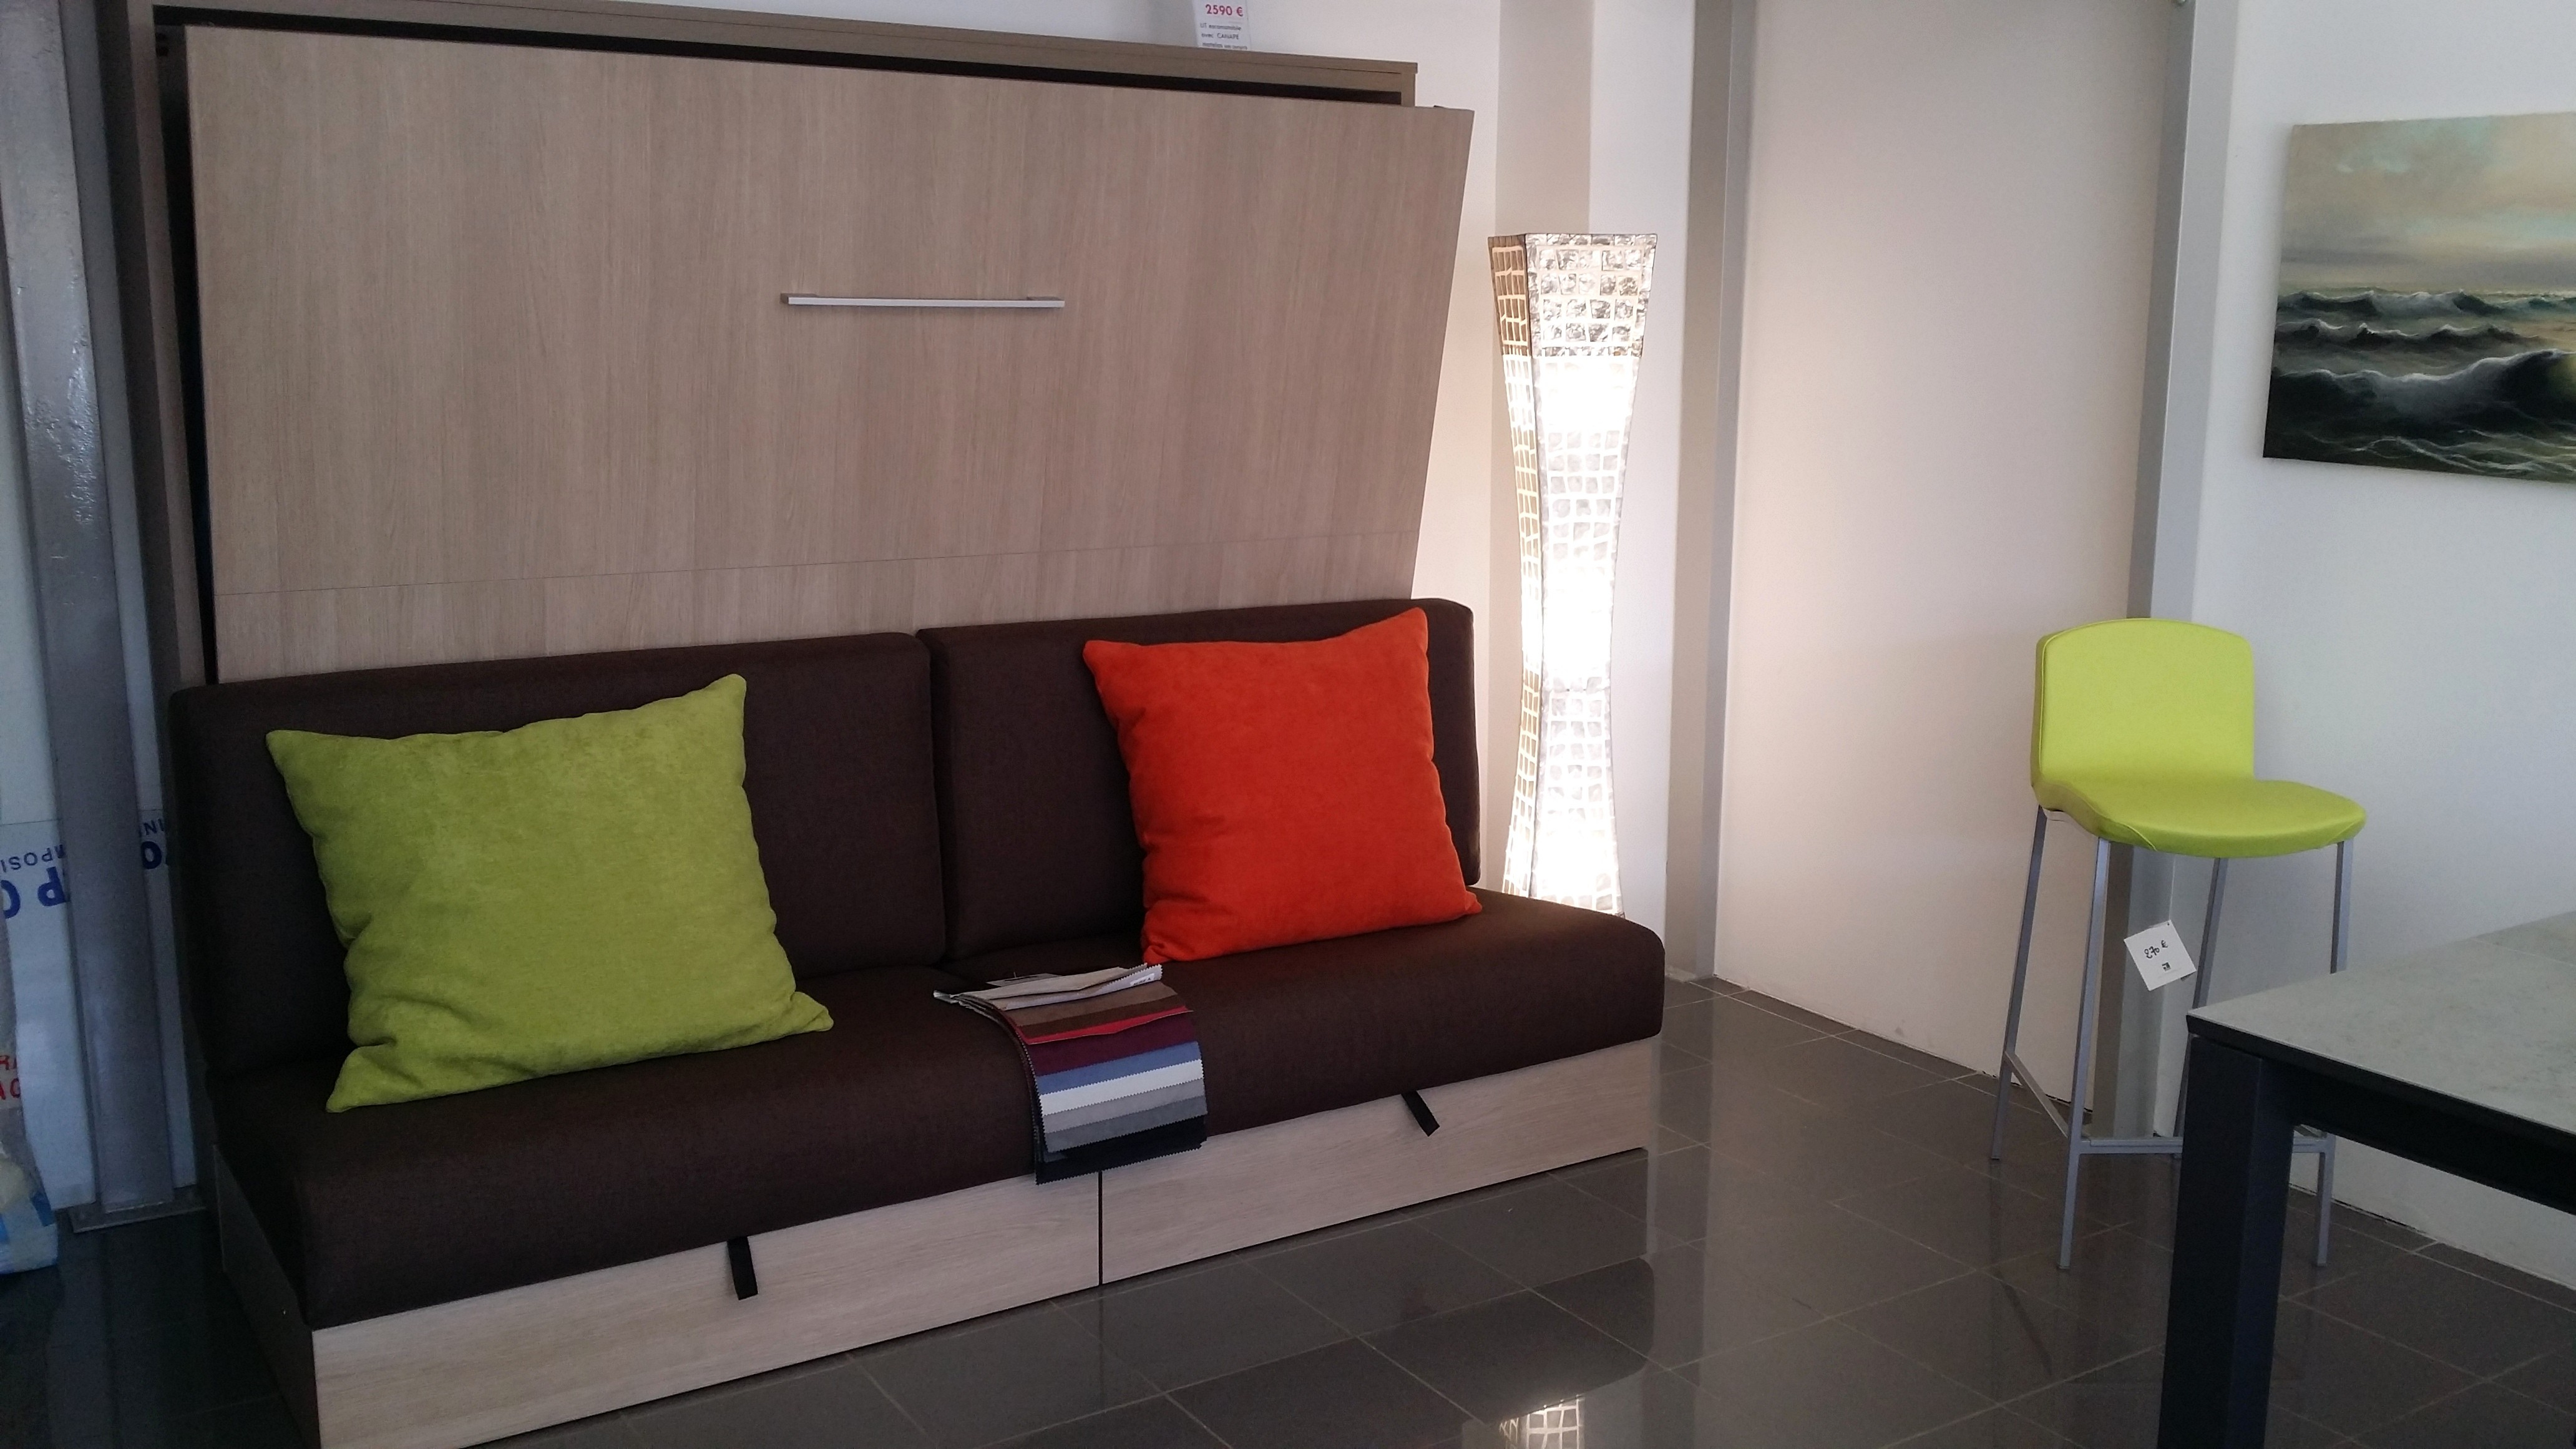 Lit Canapé Escamotable Ikea Impressionnant Photographie Lit Armoire Canapé Beautiful Canap En U Convertible 12 Full Canape D